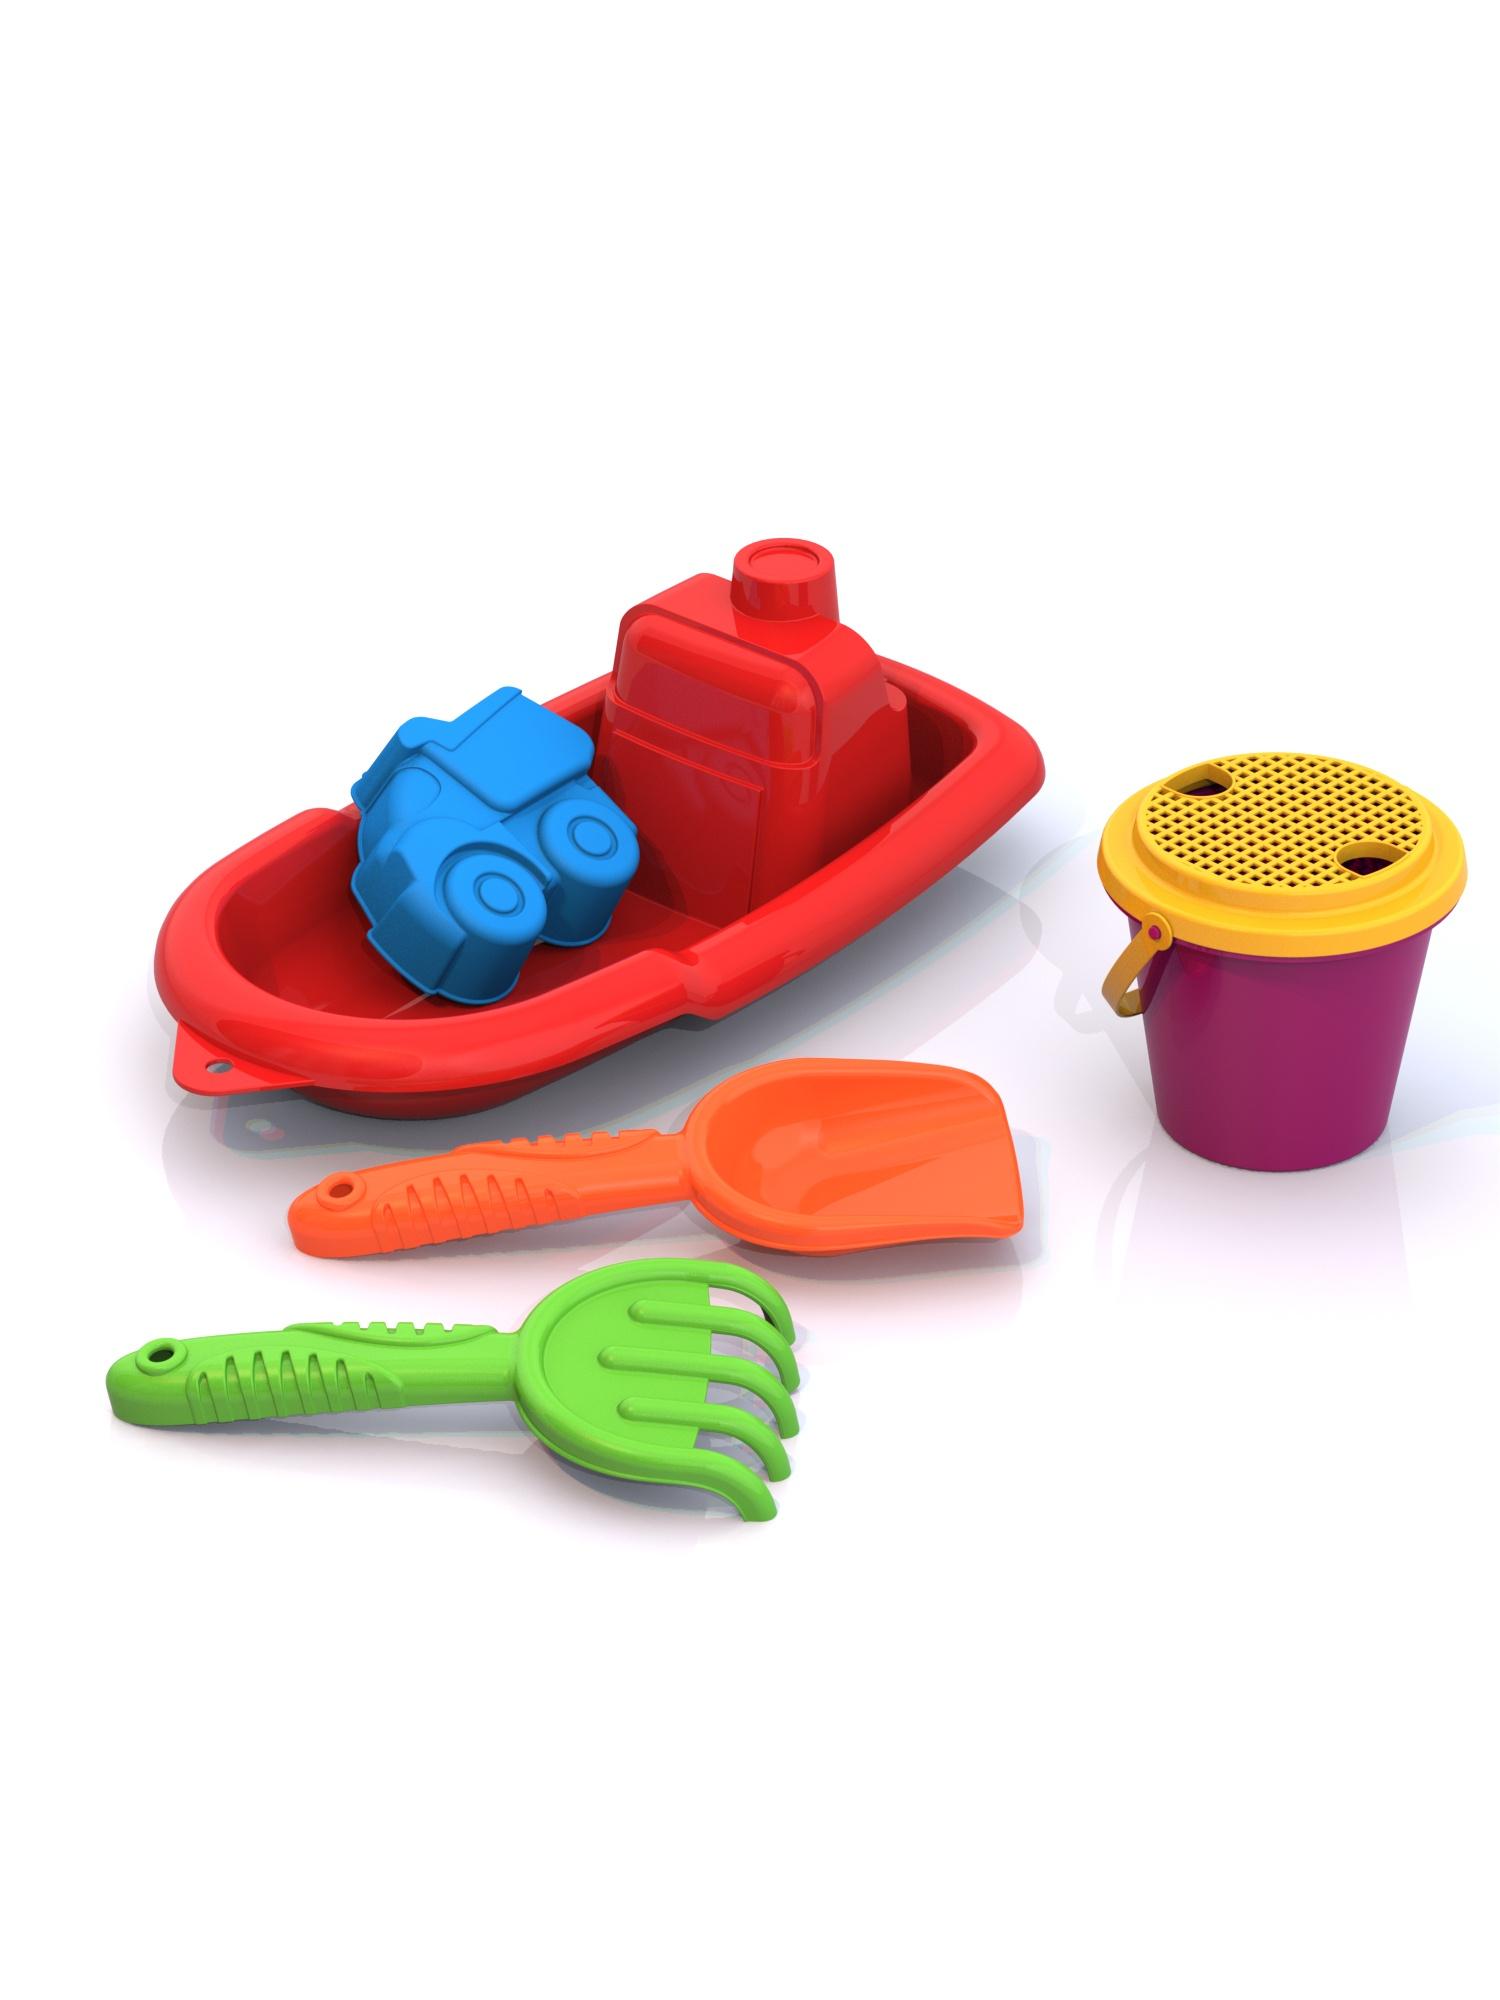 формочки игрушечные нордпласт формочка игрушечная Игровой набор Нордпласт 089